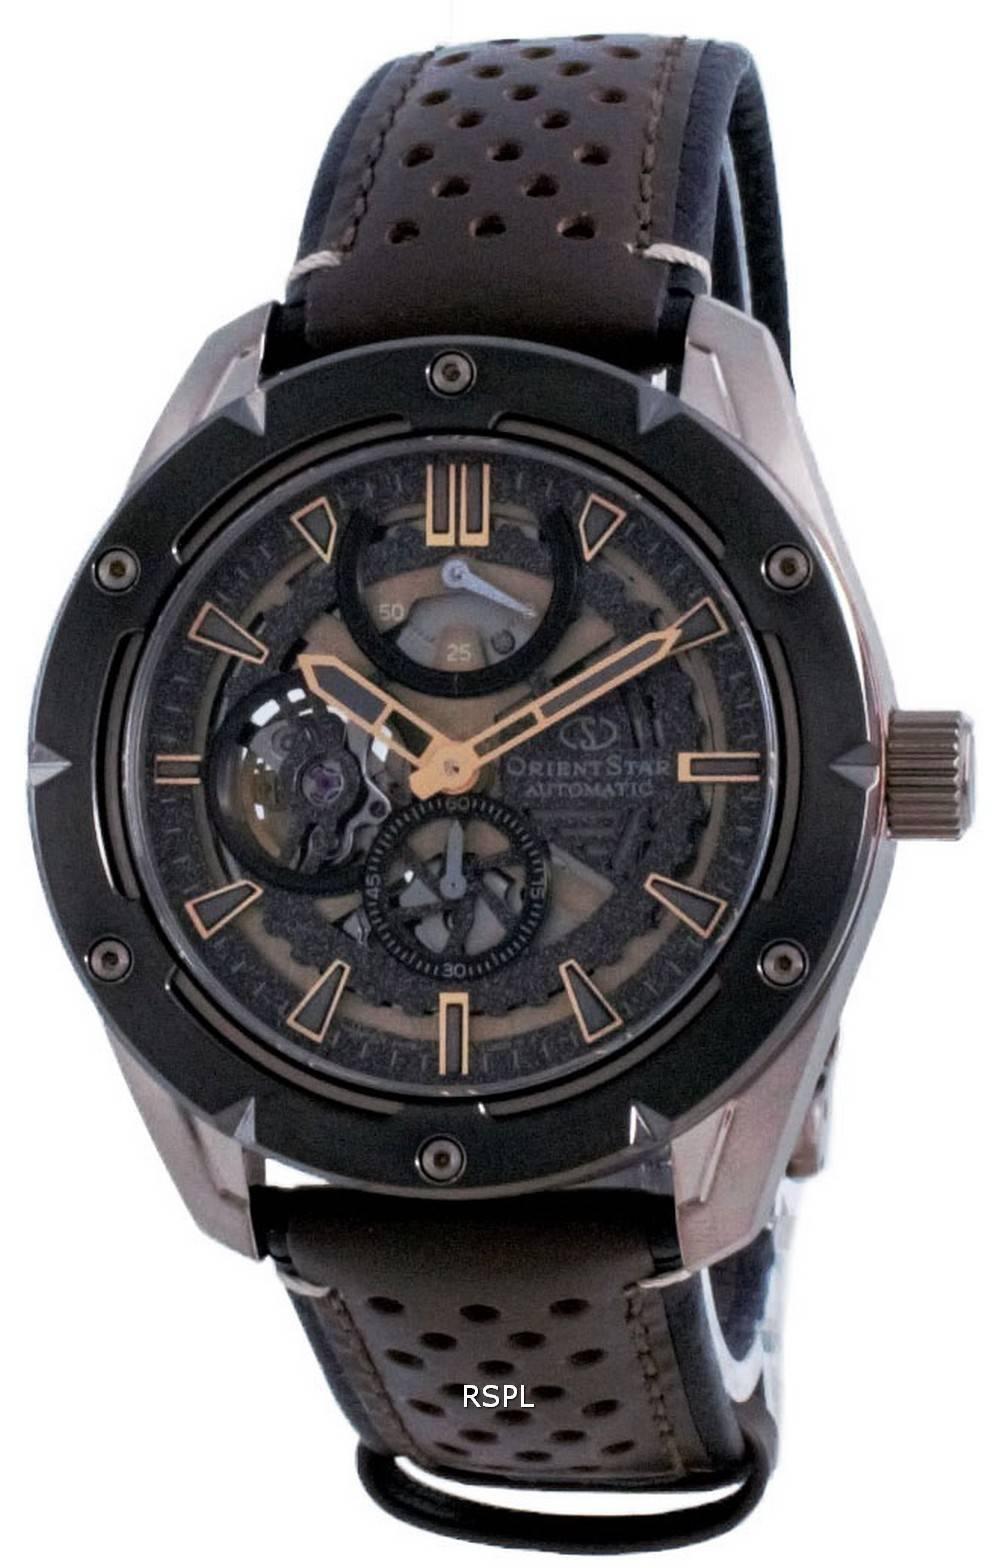 Orient Star Avant Garde -luuranko automaattinen RE-AV0A04B00B 100M miesten kello